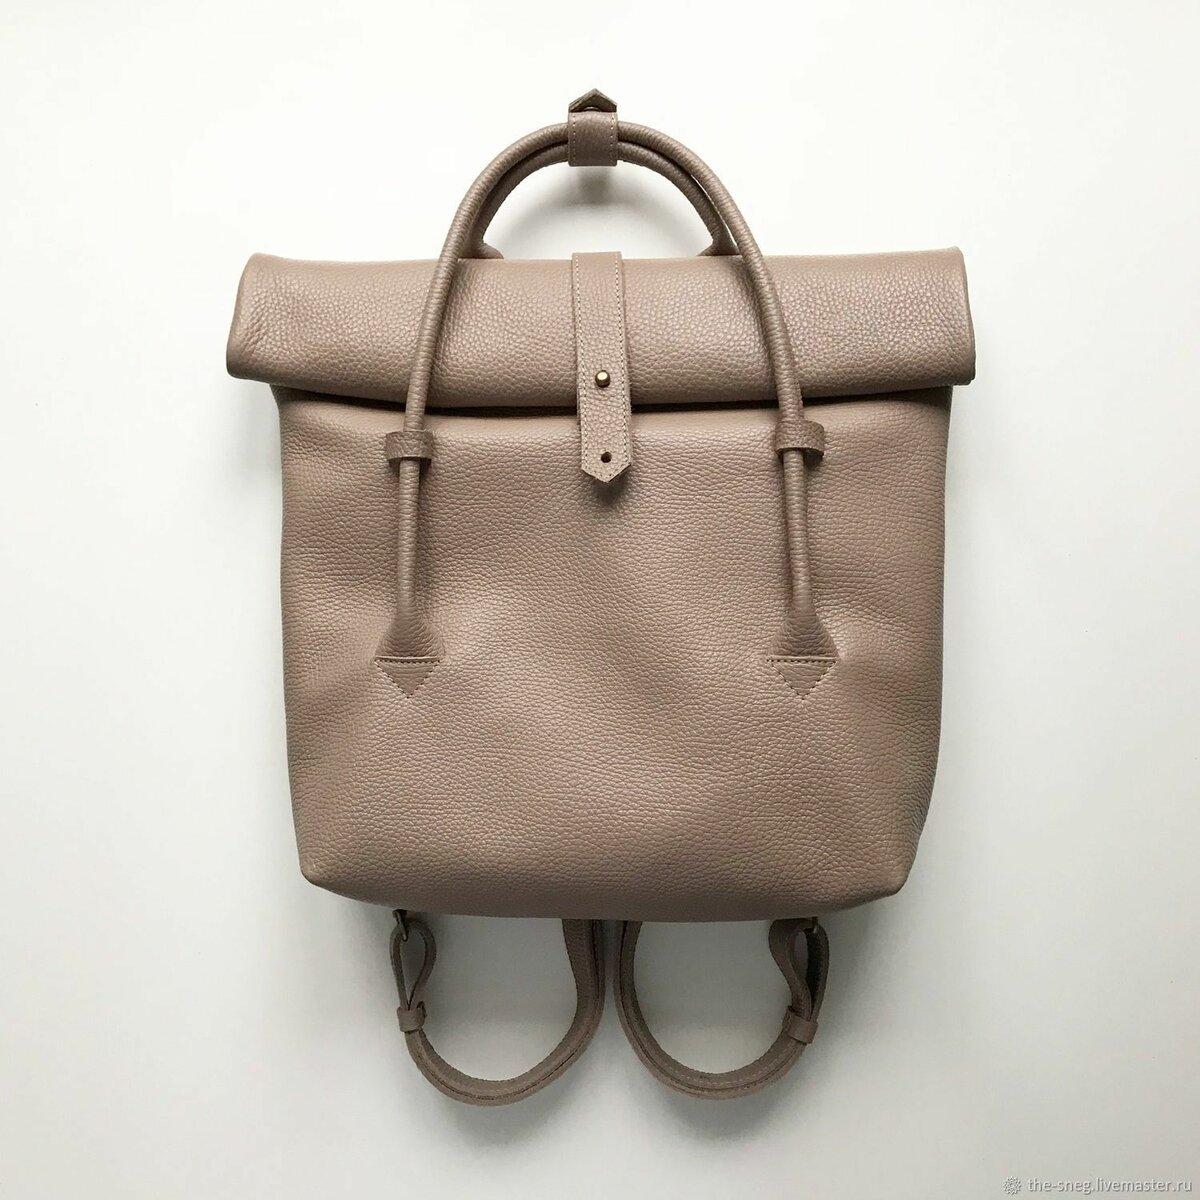 Кожаный рюкзак-сумка Rolltop Latte - купить или заказать в интернет-магазине  на Ярмарке 41f00bec65d